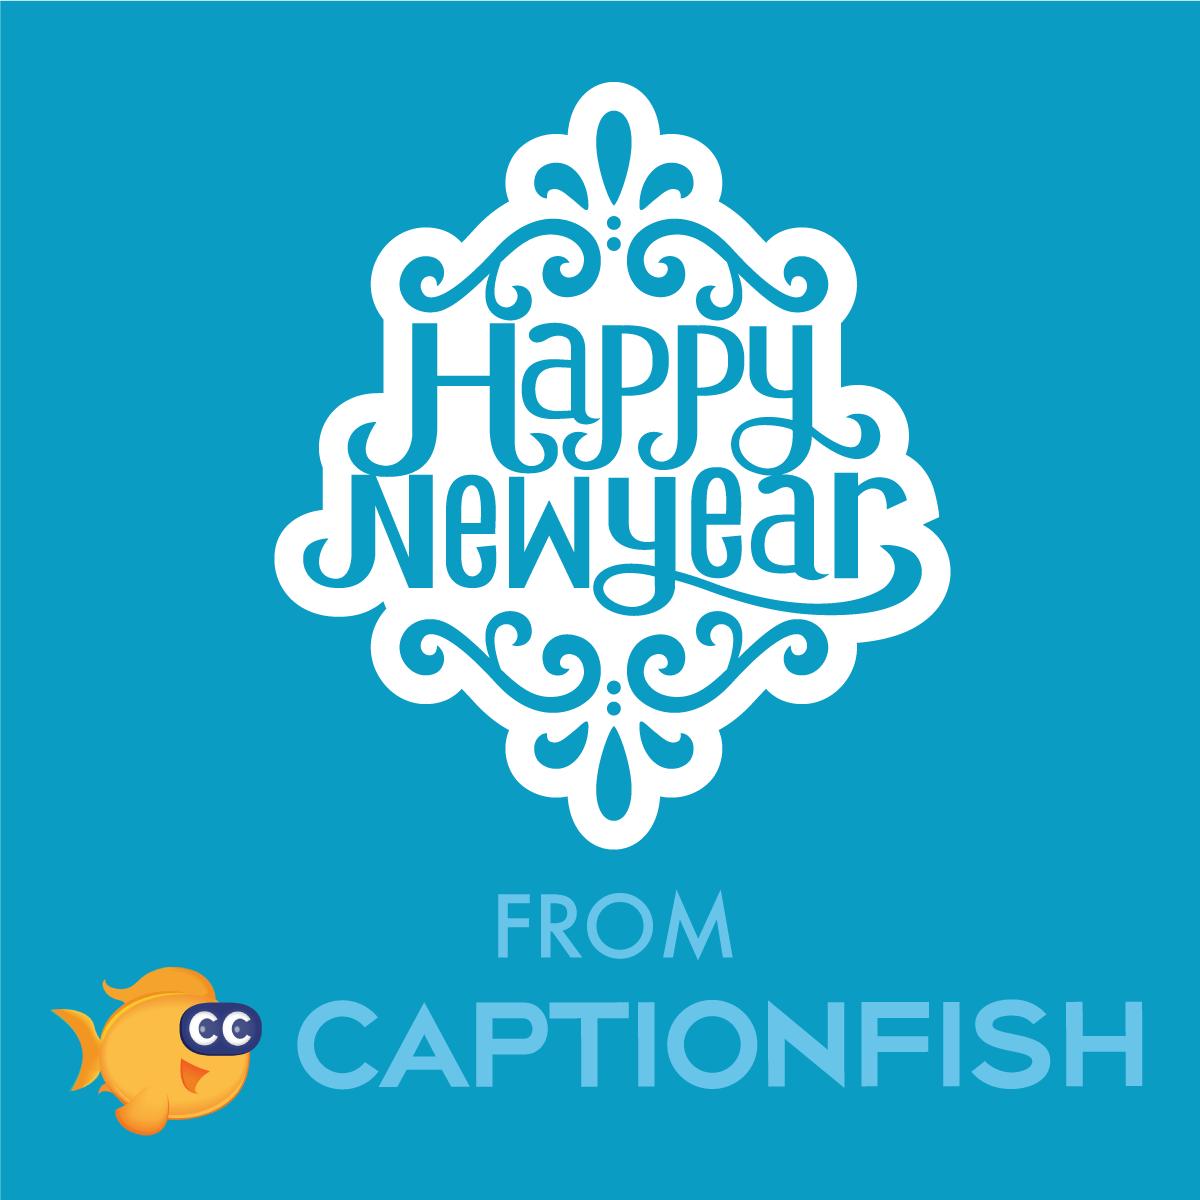 Captionfish